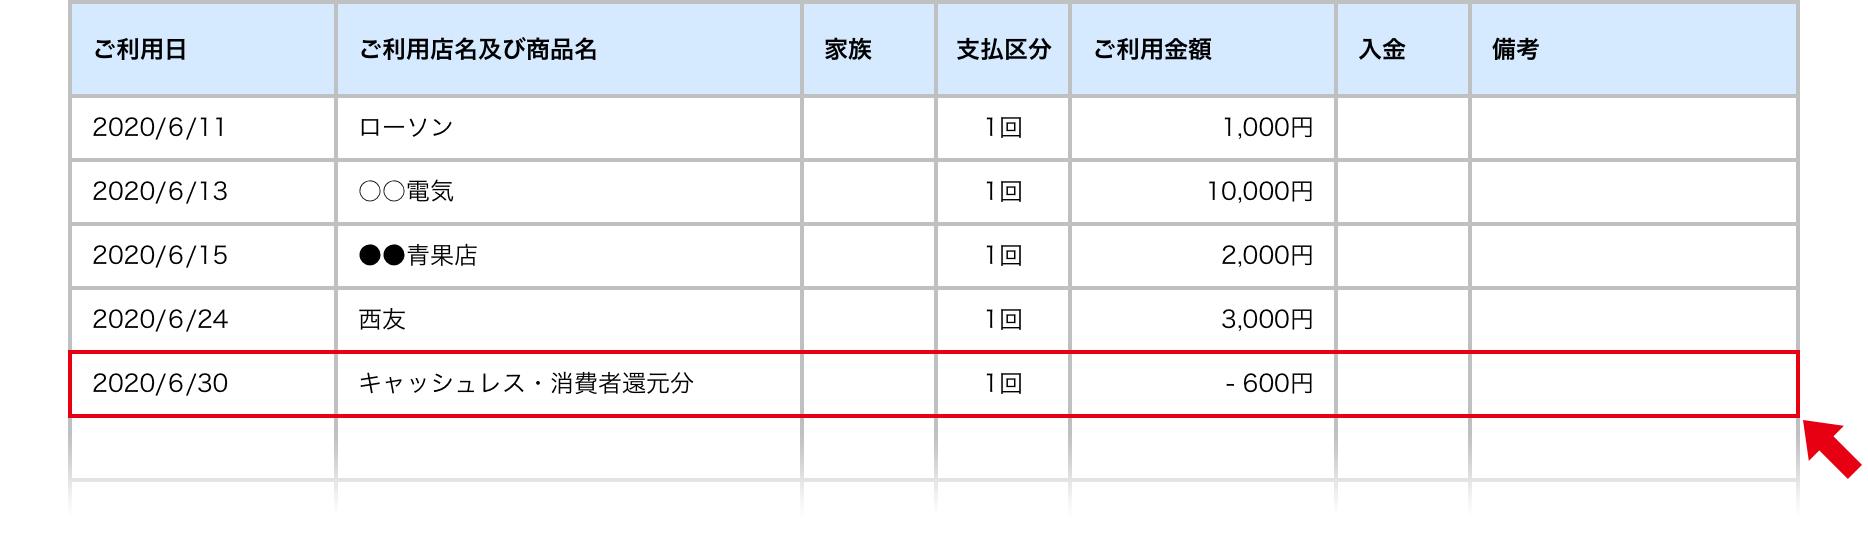 ご利用明細書(サンプル)